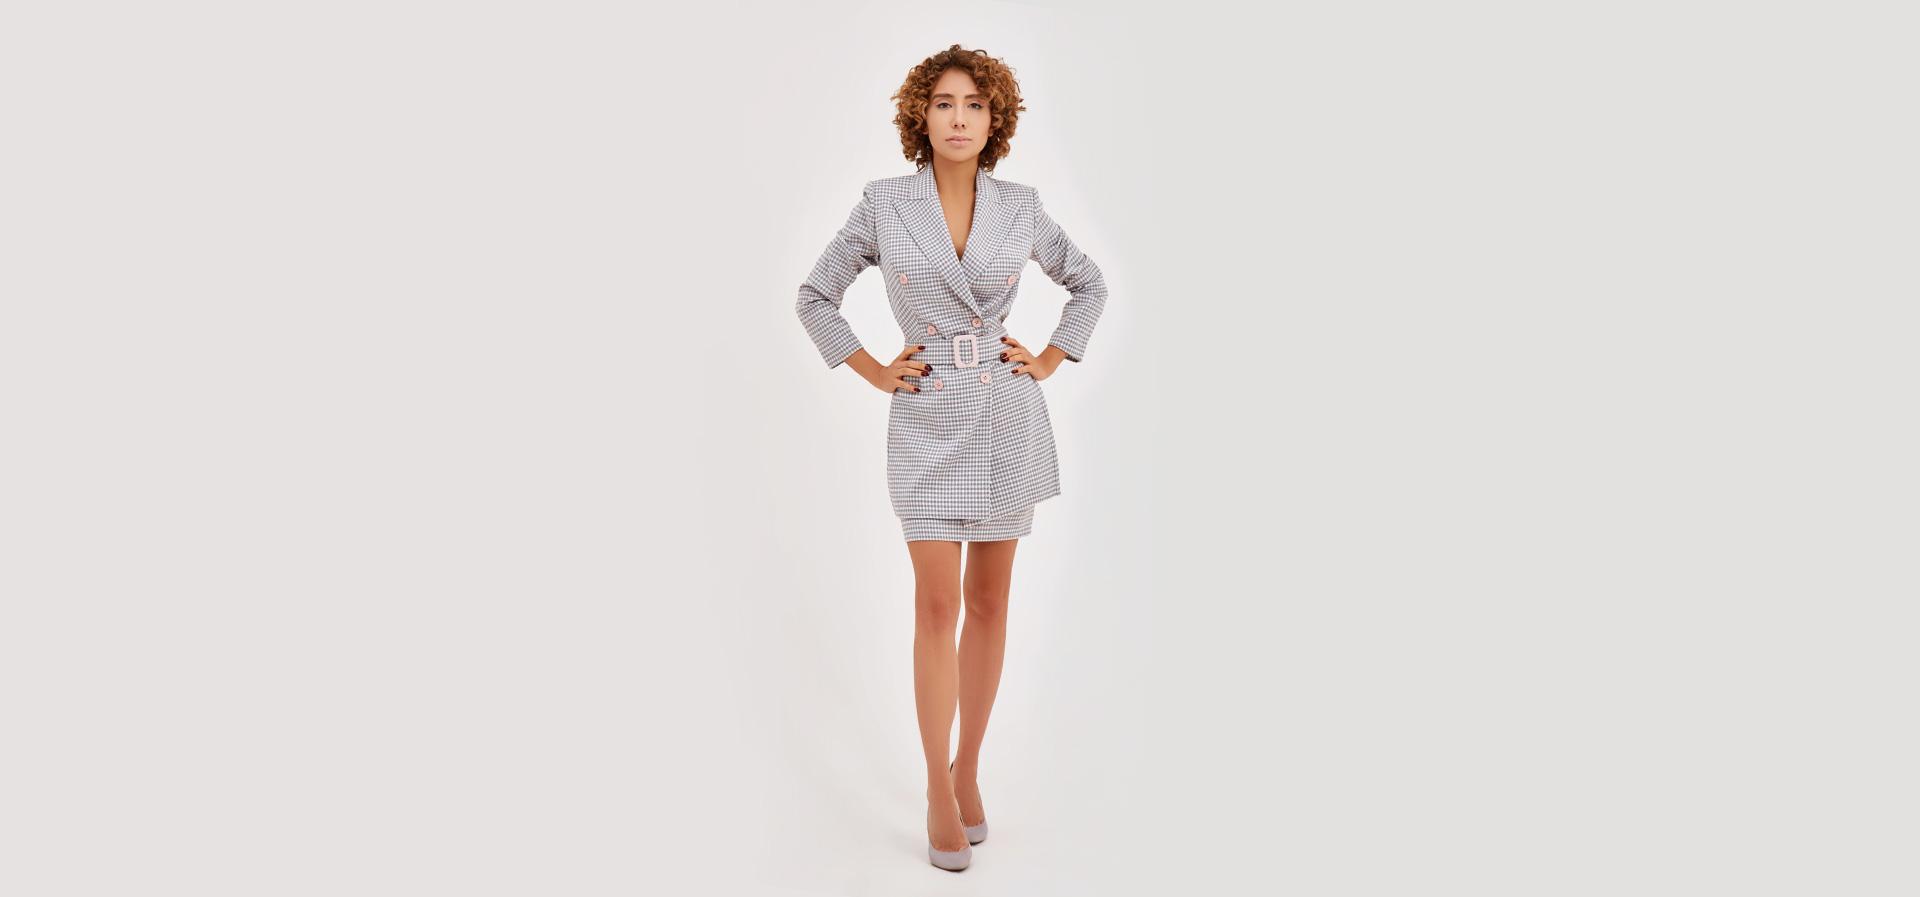 b1944a782d5 ЯRMYSHEVA - интернет-магазин дизайнерской одежды в Екатеринбурге ...